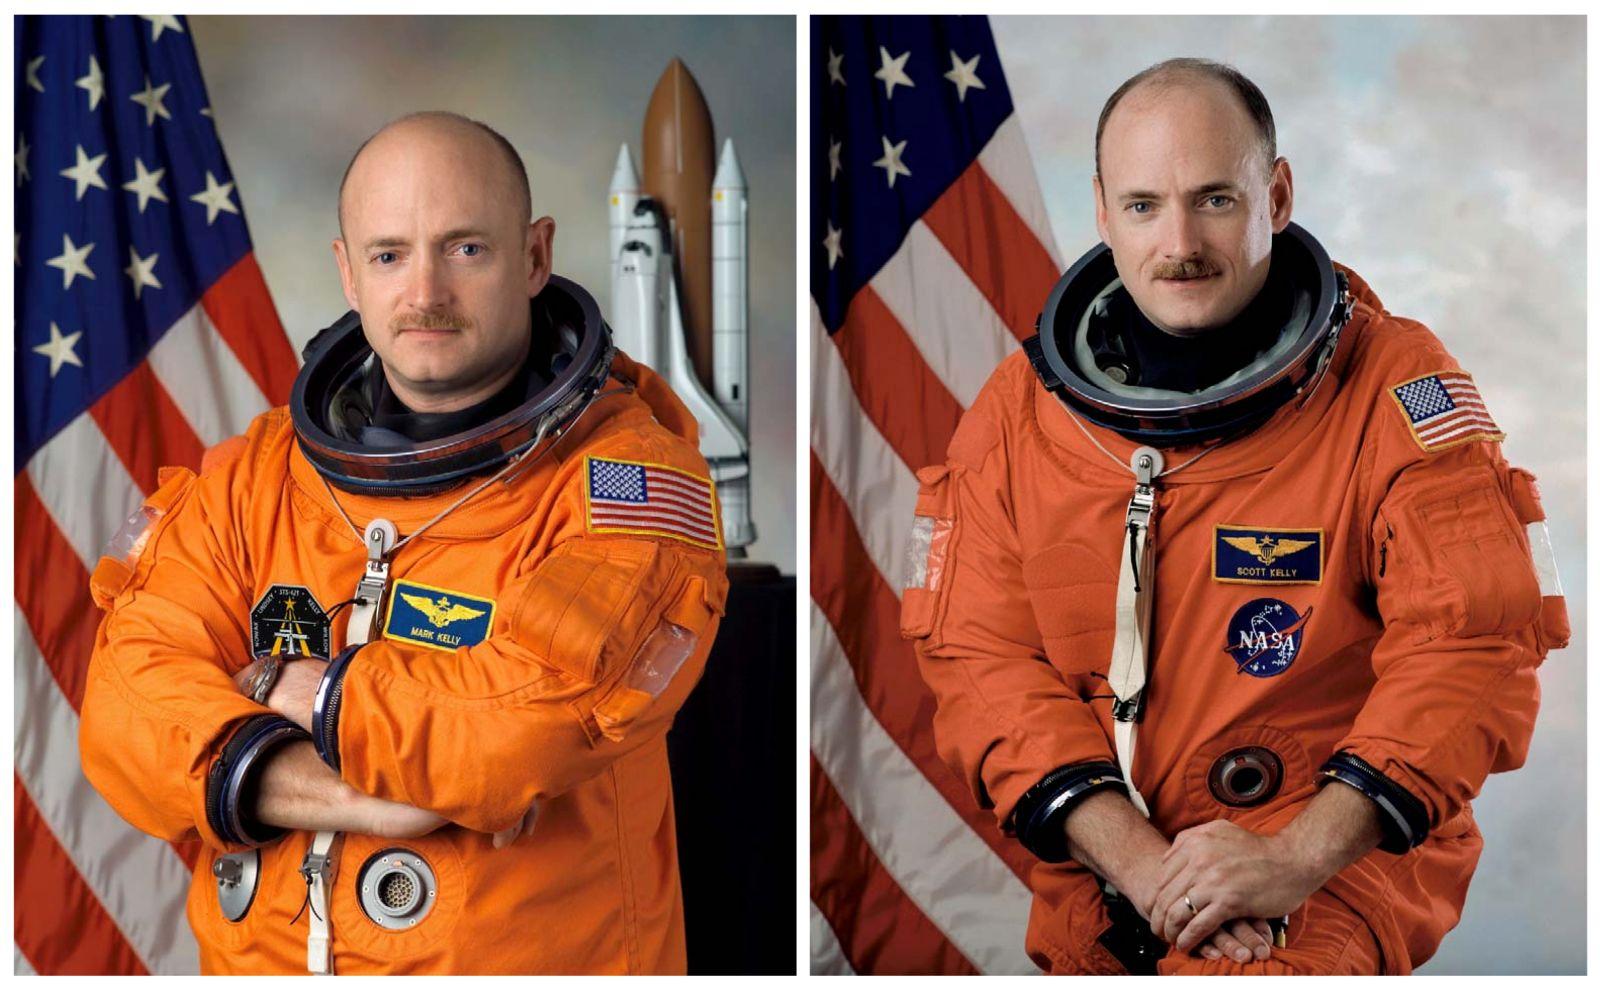 Scott J. Kelly - Mark E. Kelly - NASA - Deux jumeaux dans l'espace - Les jumeaux de Langevin - Twins in space - Un autre regard sur la Terre